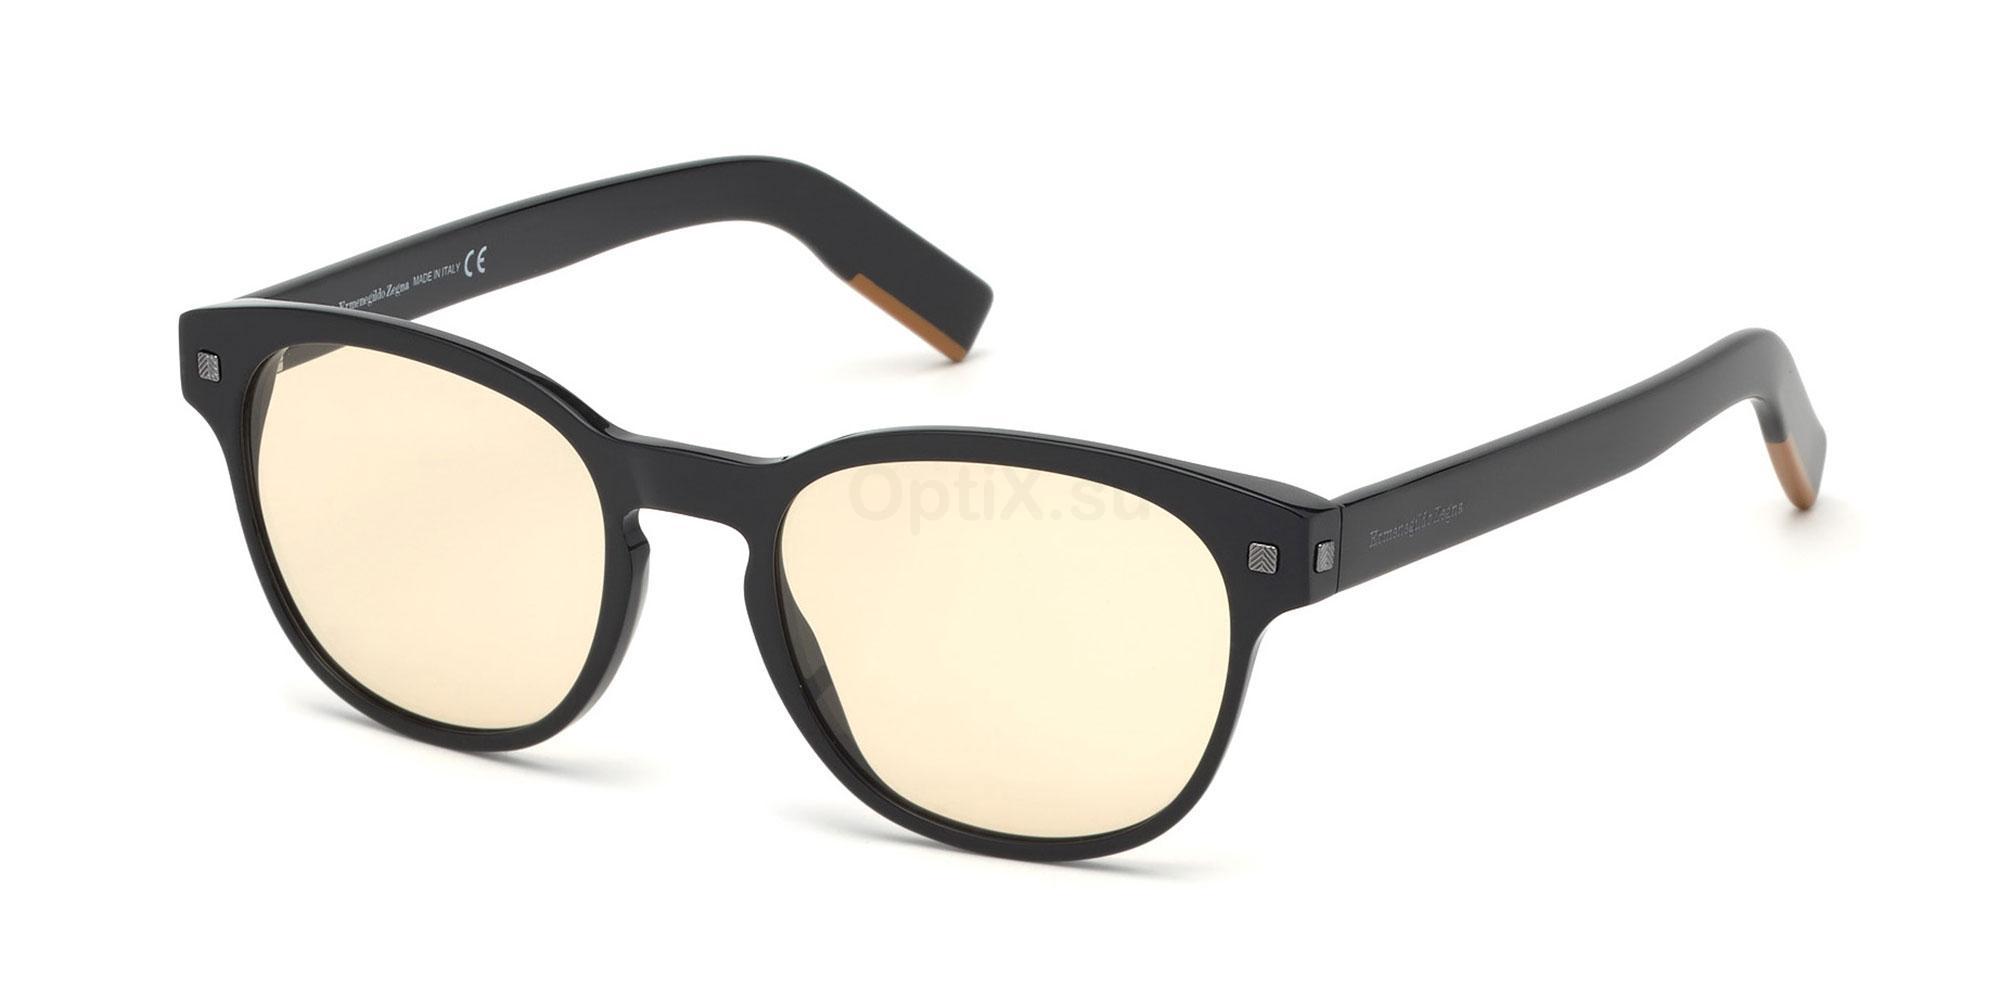 001 EZ5159 Glasses, Ermenegildo Zegna